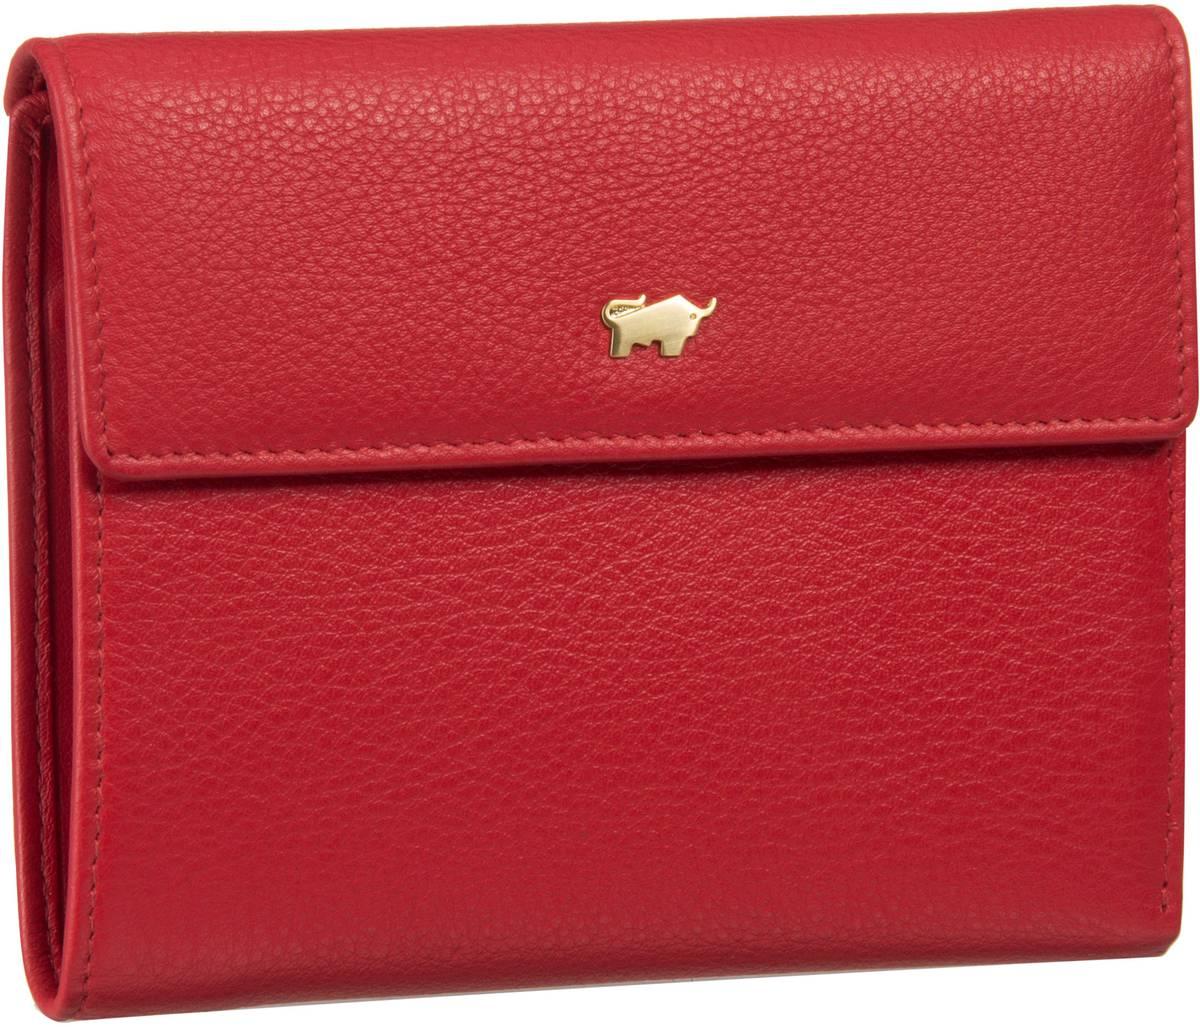 Geldboersen für Frauen - Braun Büffel Miami 43143 Geldbörse Rot Geldbörse  - Onlineshop Taschenkaufhaus